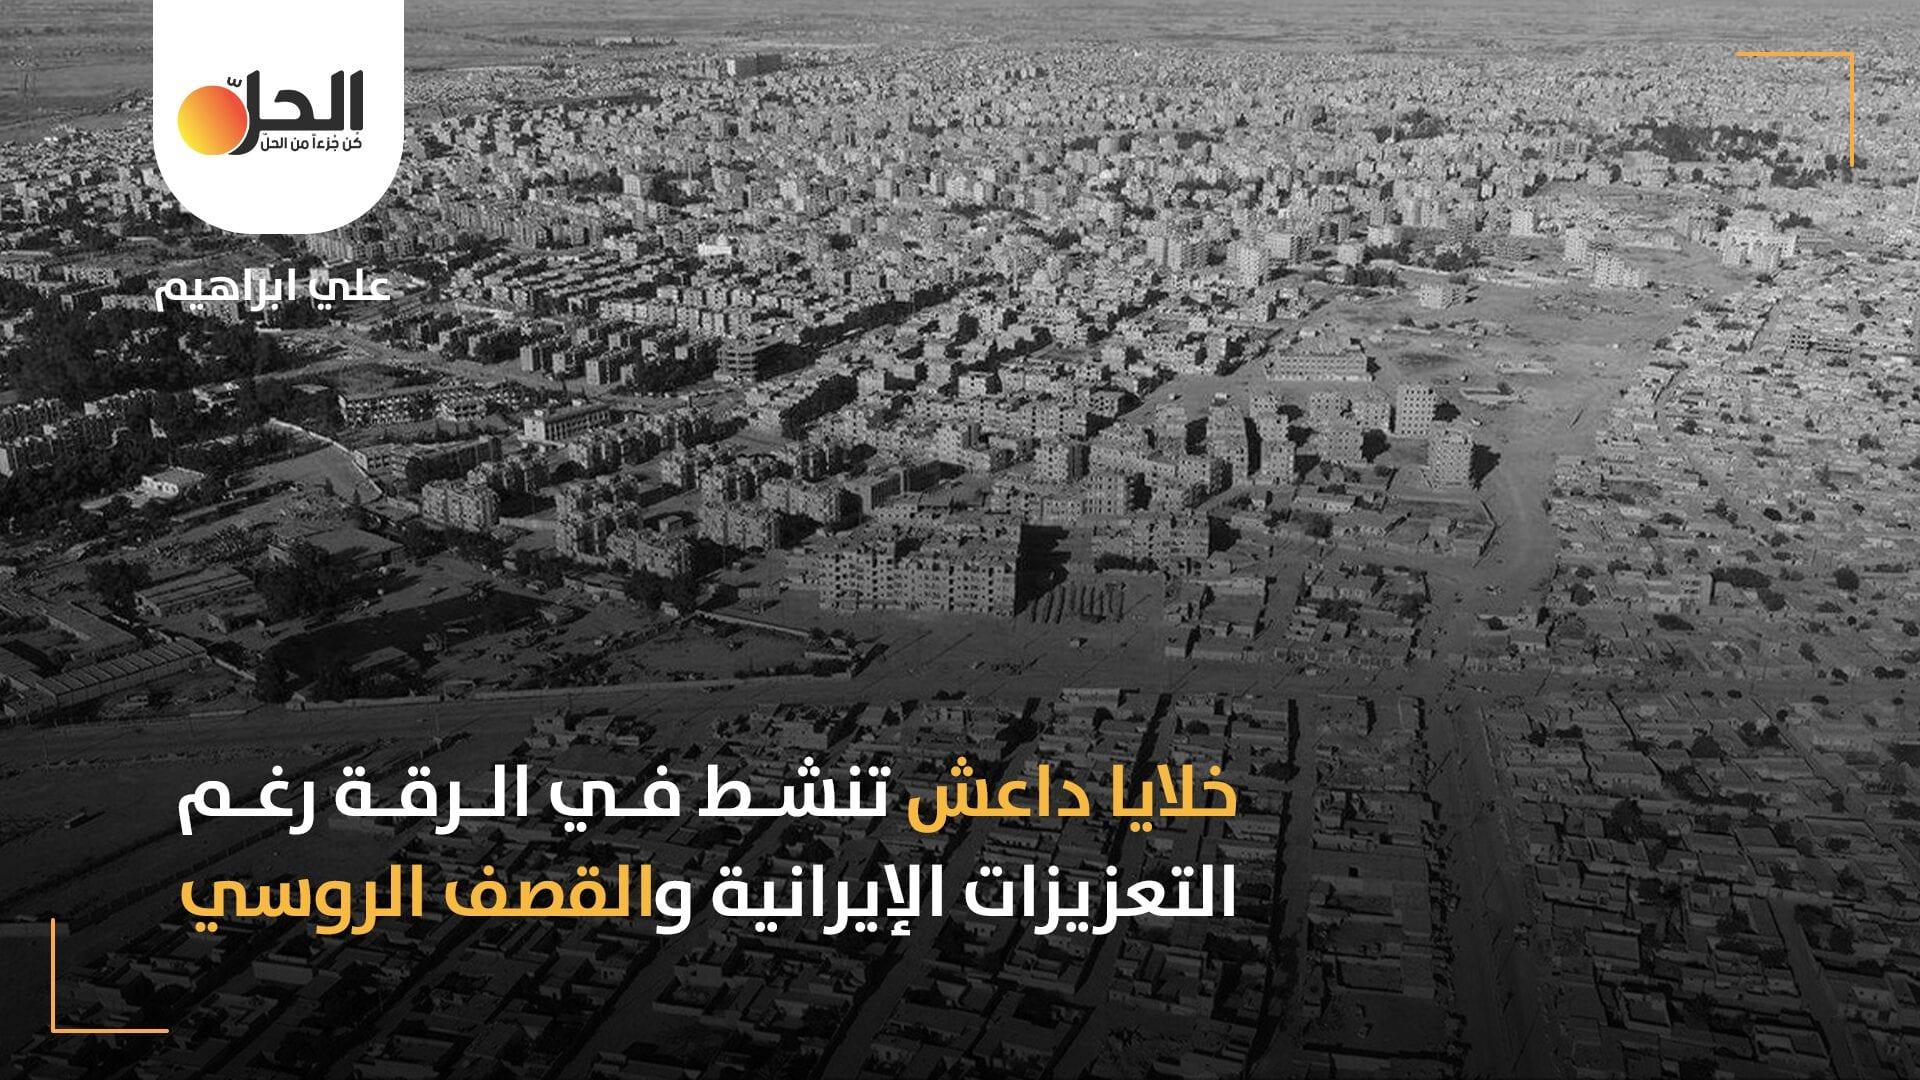 """نشاط خلايا داعش في الرقة: القوات النظامية تعاني في البادية، ووضع غير مستقر لـ""""قسد"""" في المدينة"""